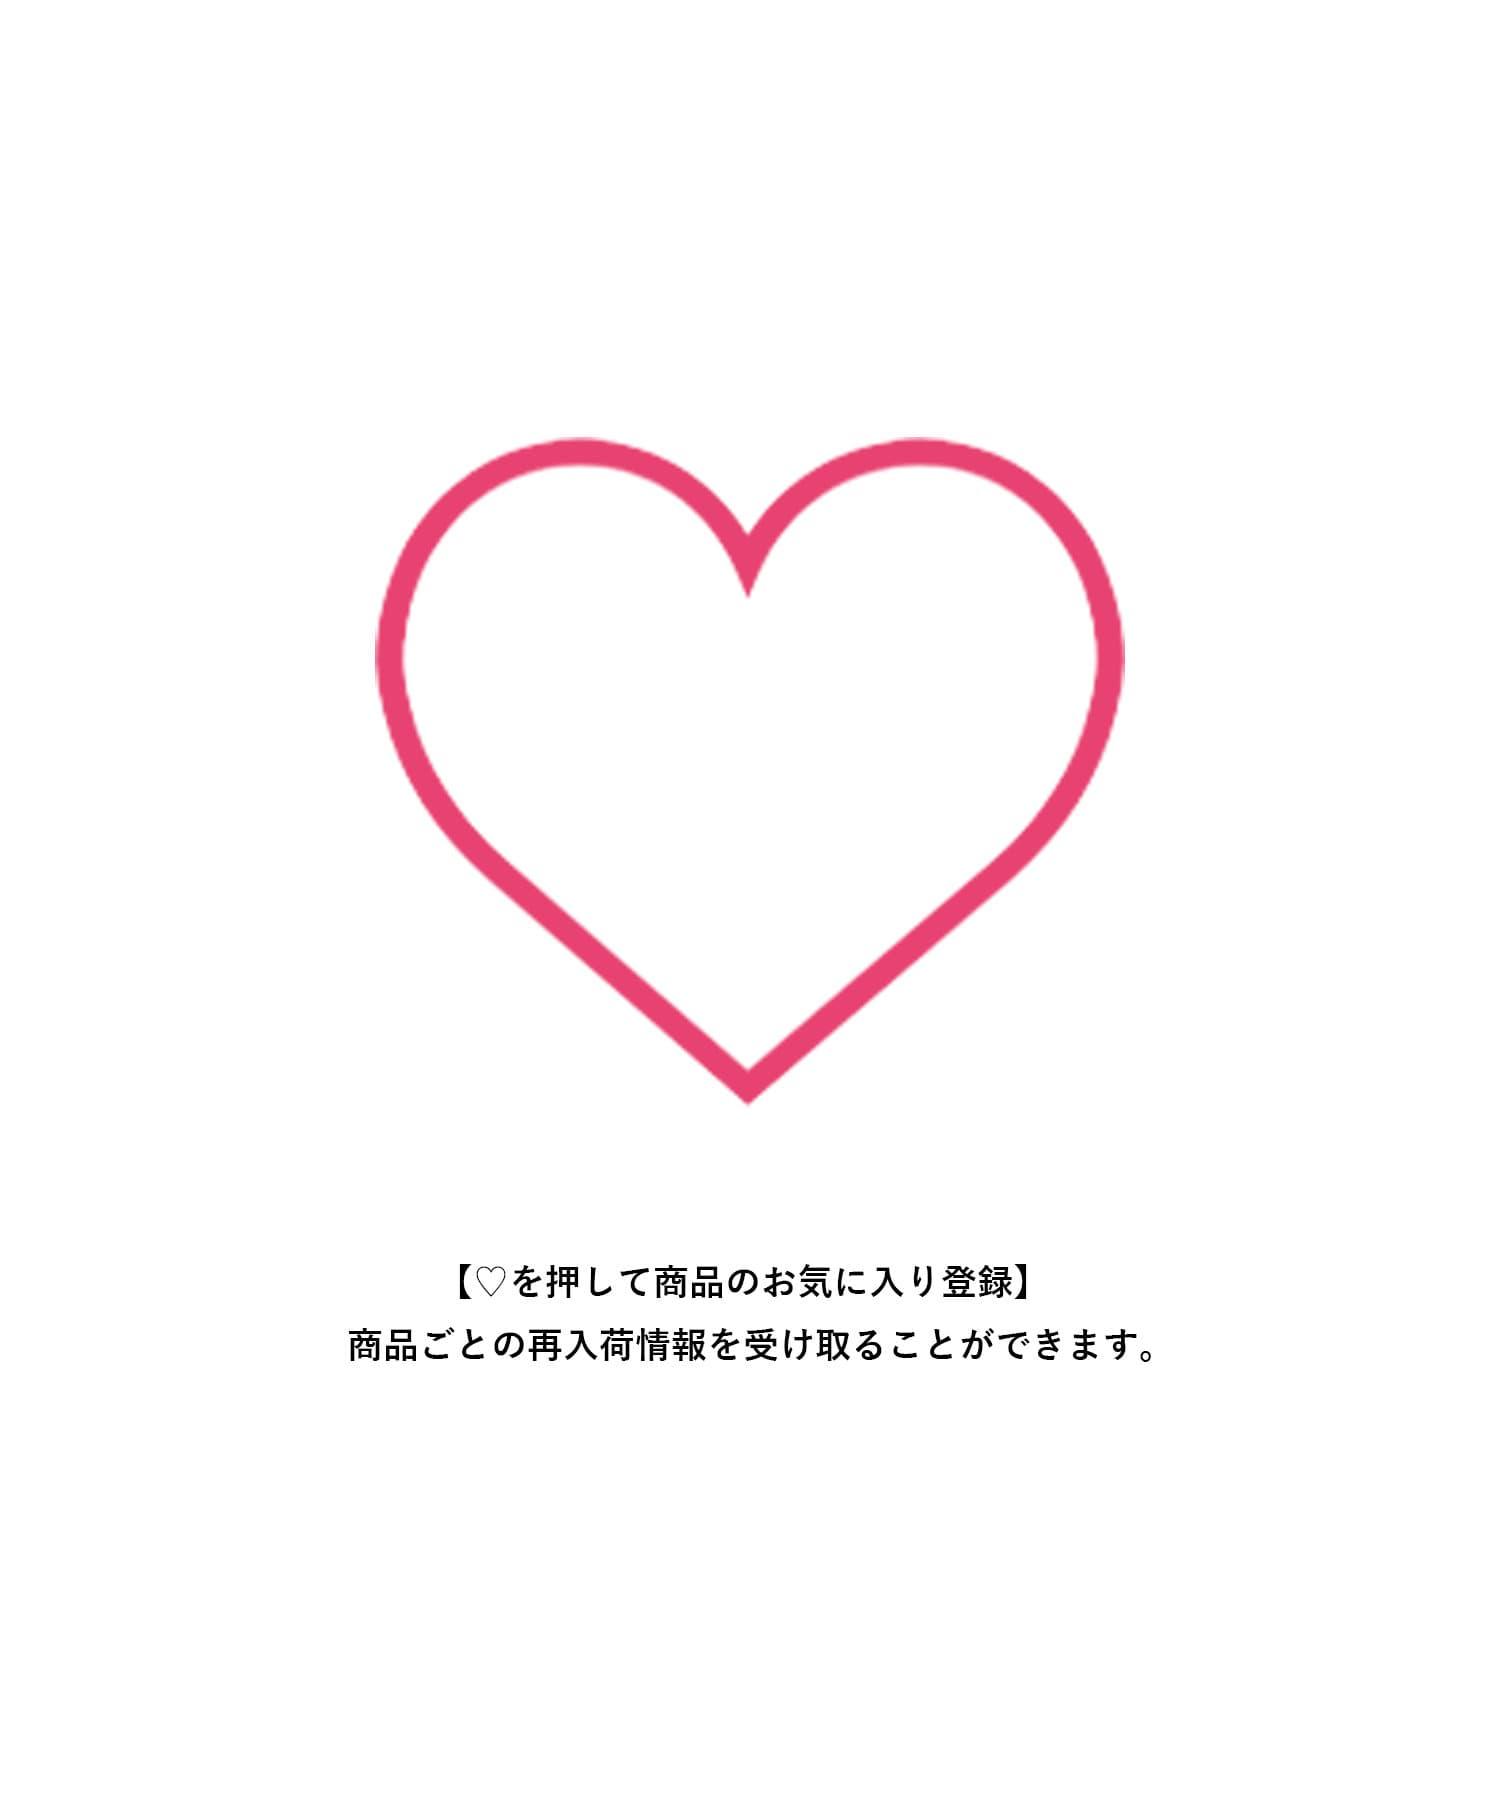 COLLAGE GALLARDAGALANTE(コラージュ ガリャルダガランテ) 【PAPILLONNER/パピヨネ】ダブルリング